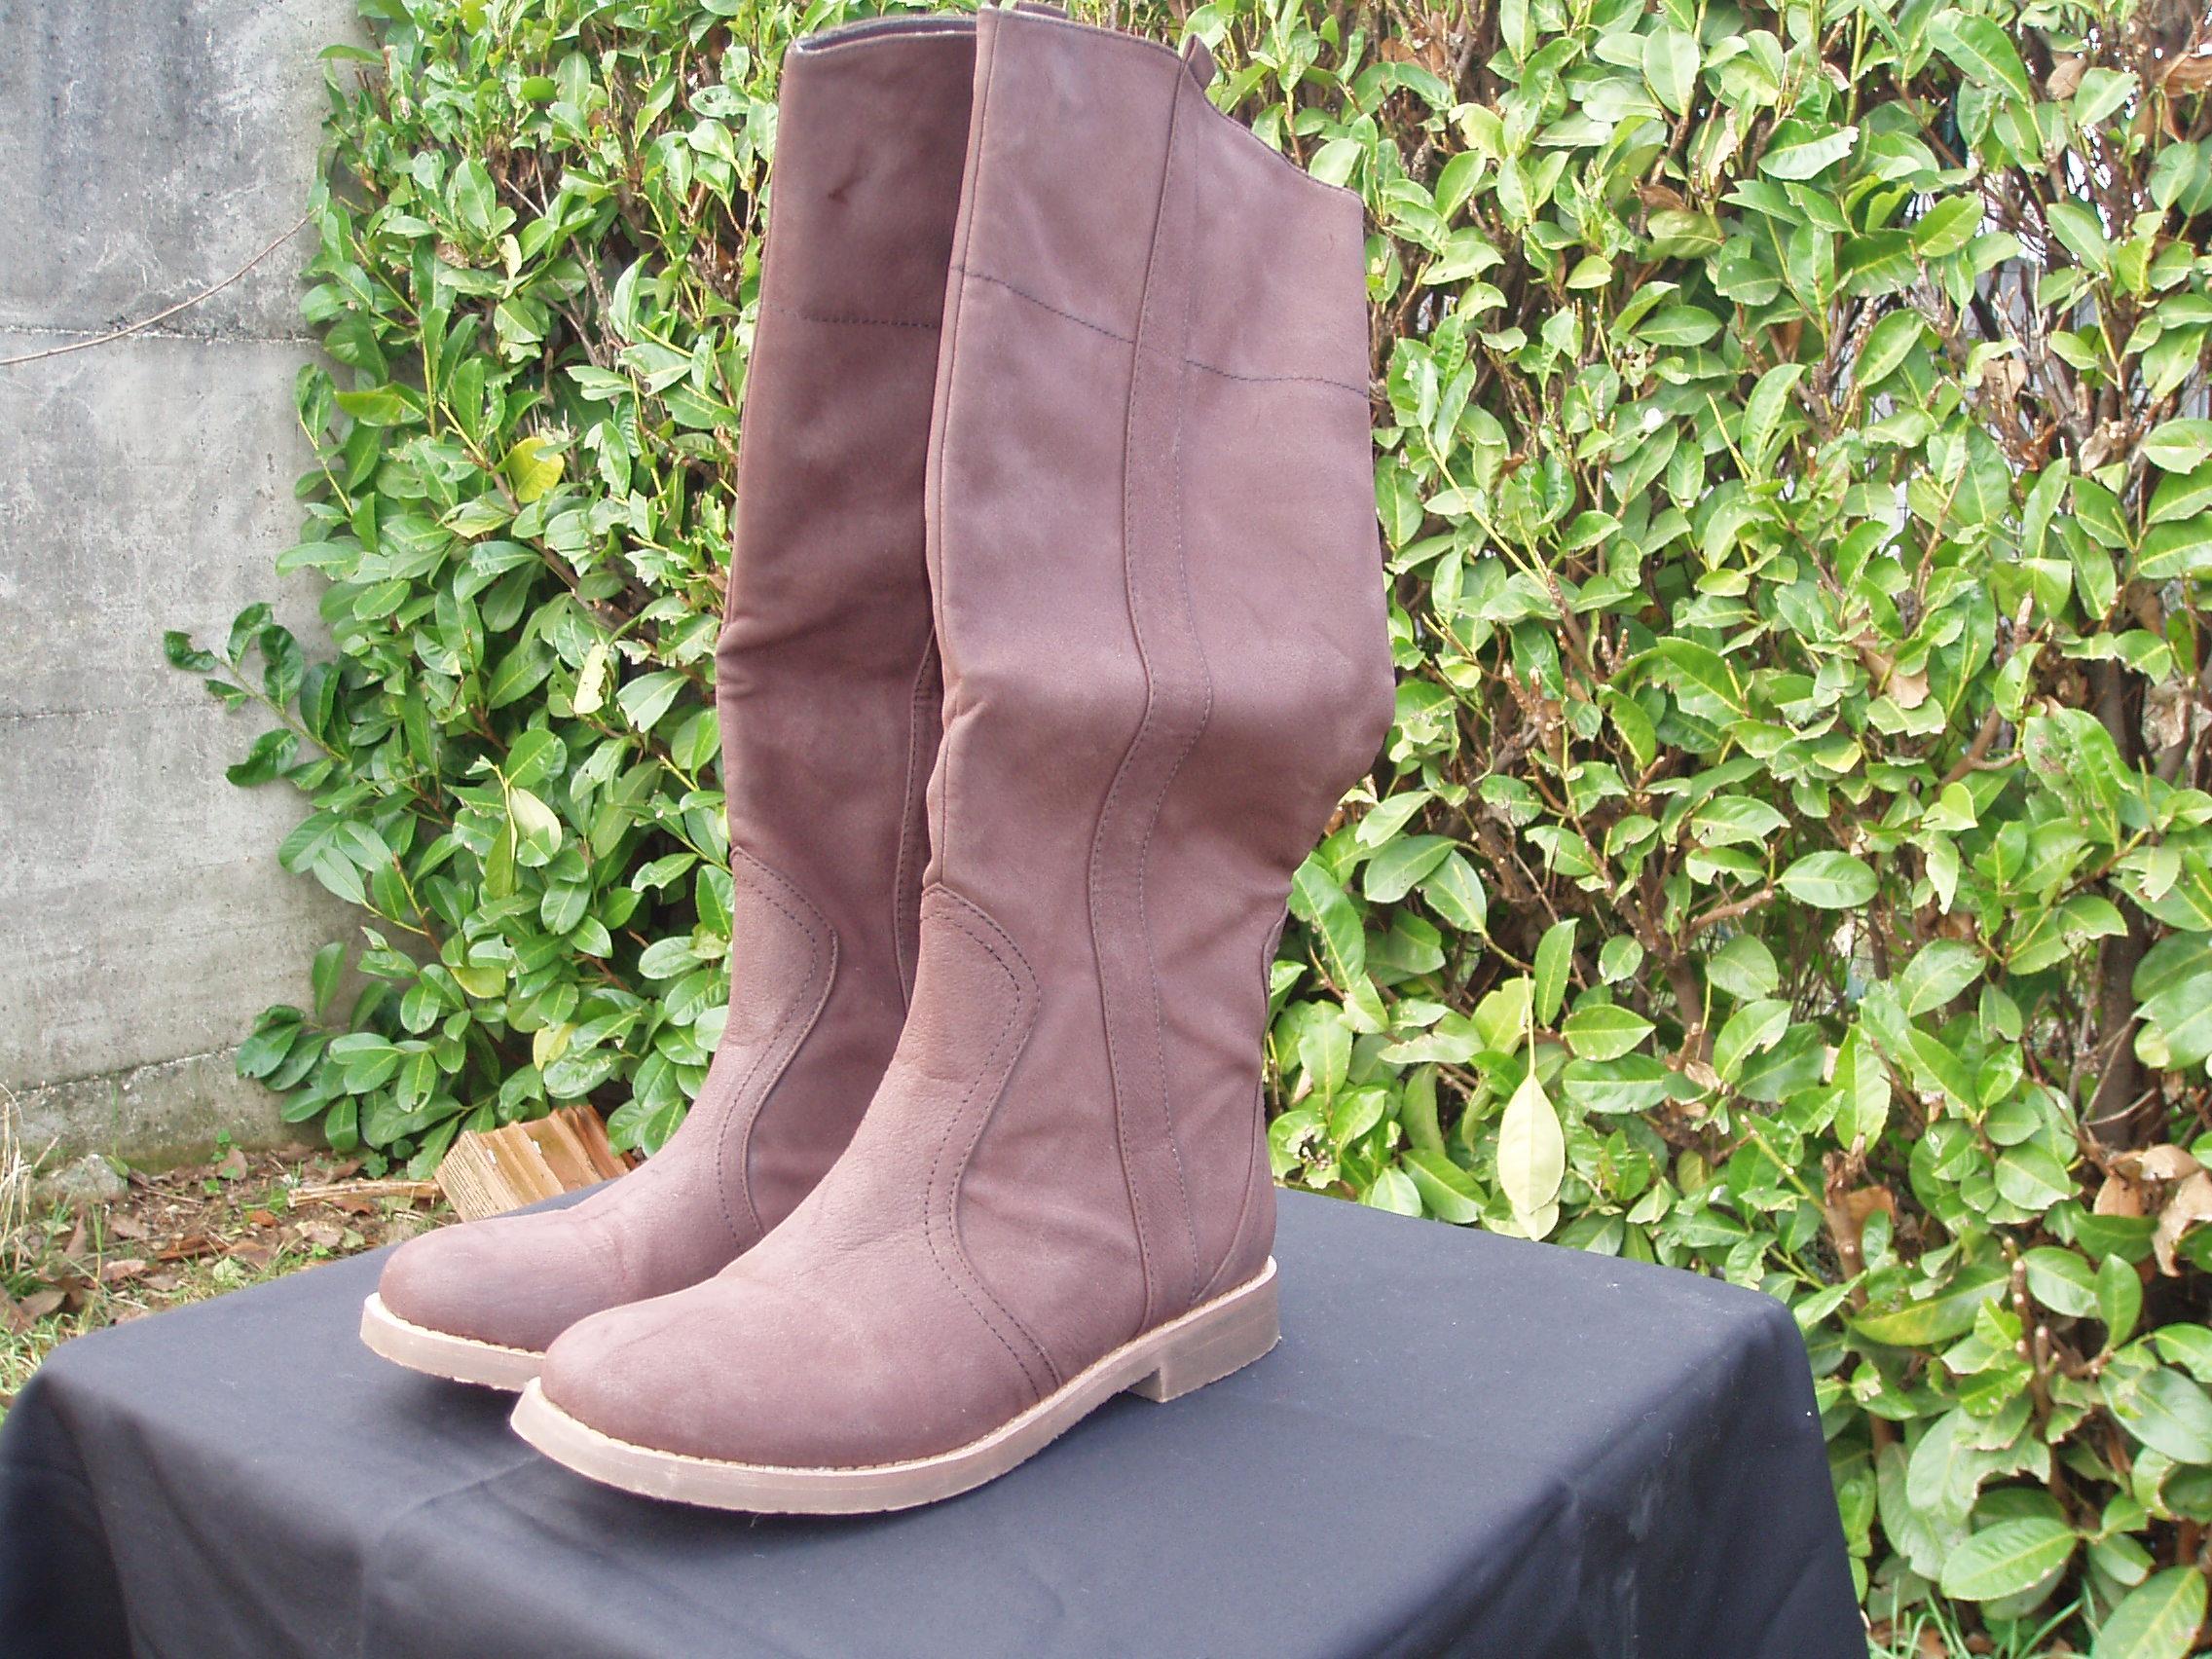 Camoscio Marrone Camoscio Marrone Donna Stivali Stivali Stivali Donna Donna pq0qAvwxO